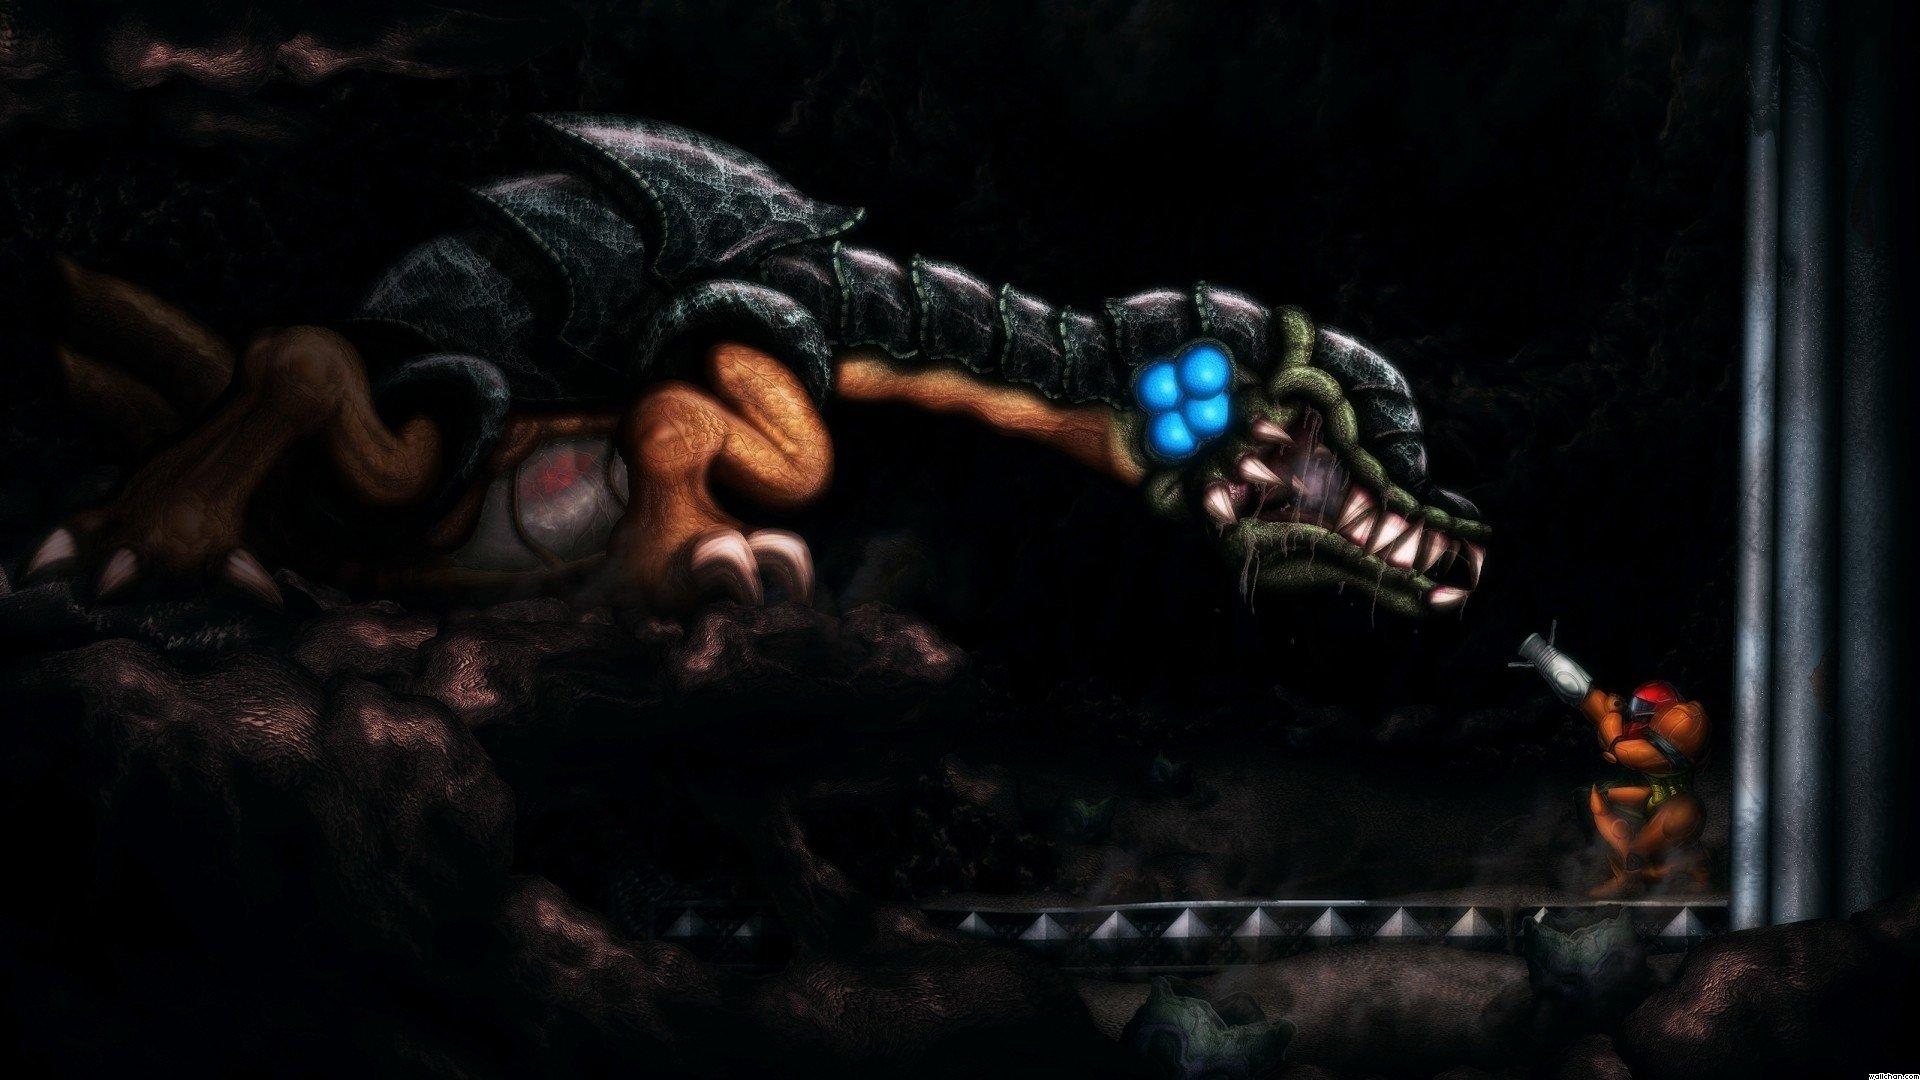 Video Game - Metroid II: Return of Samus  Samus Aran Metroid Metroid: Samus Returns Wallpaper